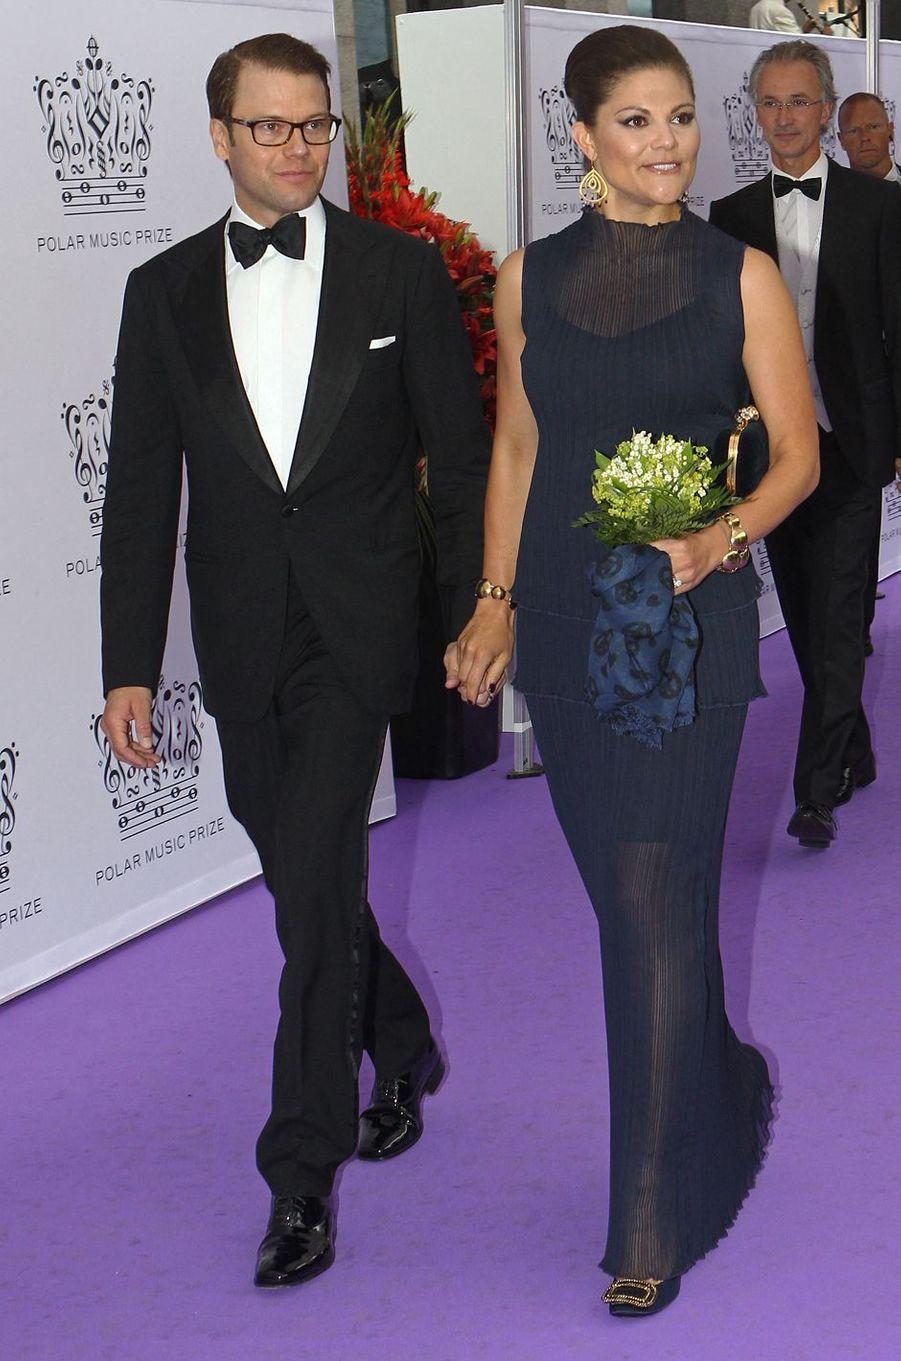 La princesse Victoria de Suède dans une robe Ann Sofie Back au Polar Music Prize, le 30 août 2011